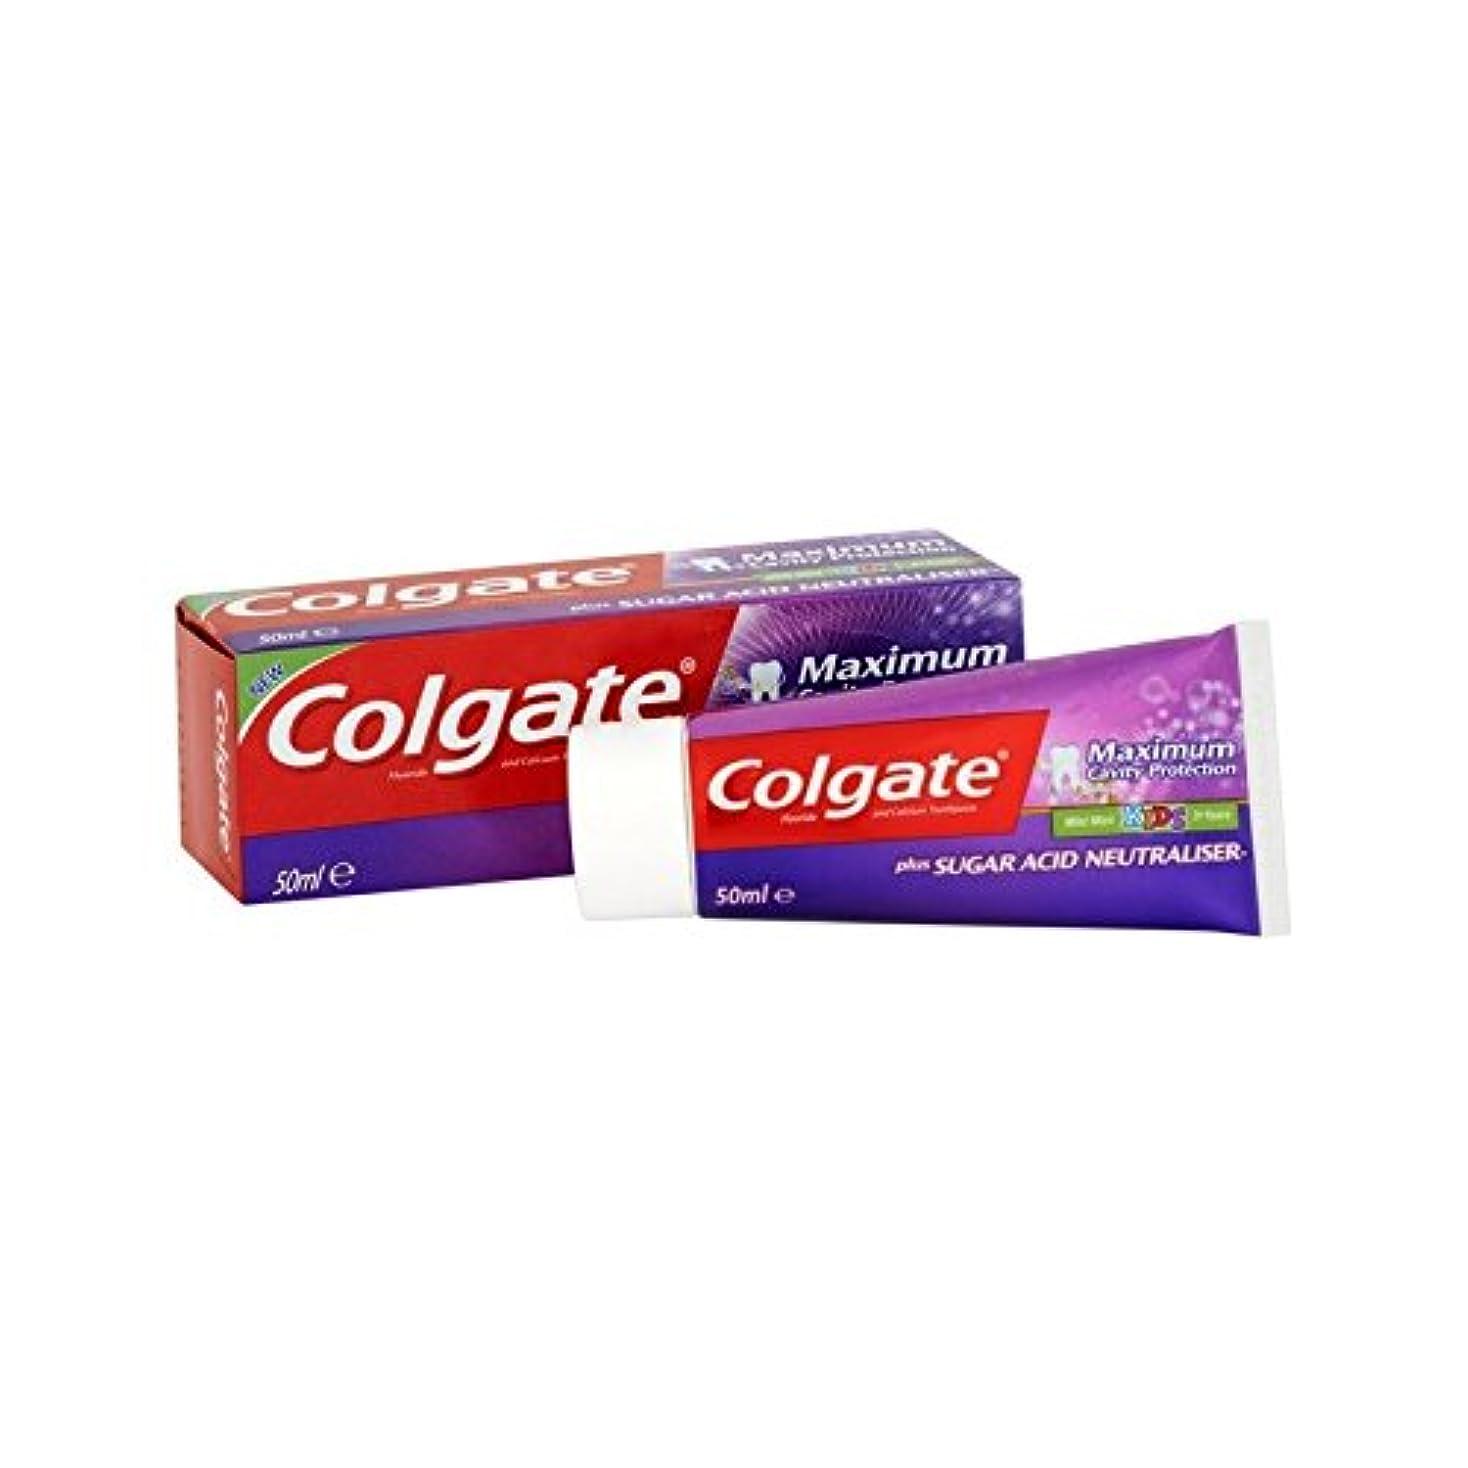 払い戻し昨日難破船最大空洞の子供の50ミリリットルを保護 (Colgate) (x 4) - Colgate Maximum Cavity Protect Kids 50ml (Pack of 4) [並行輸入品]